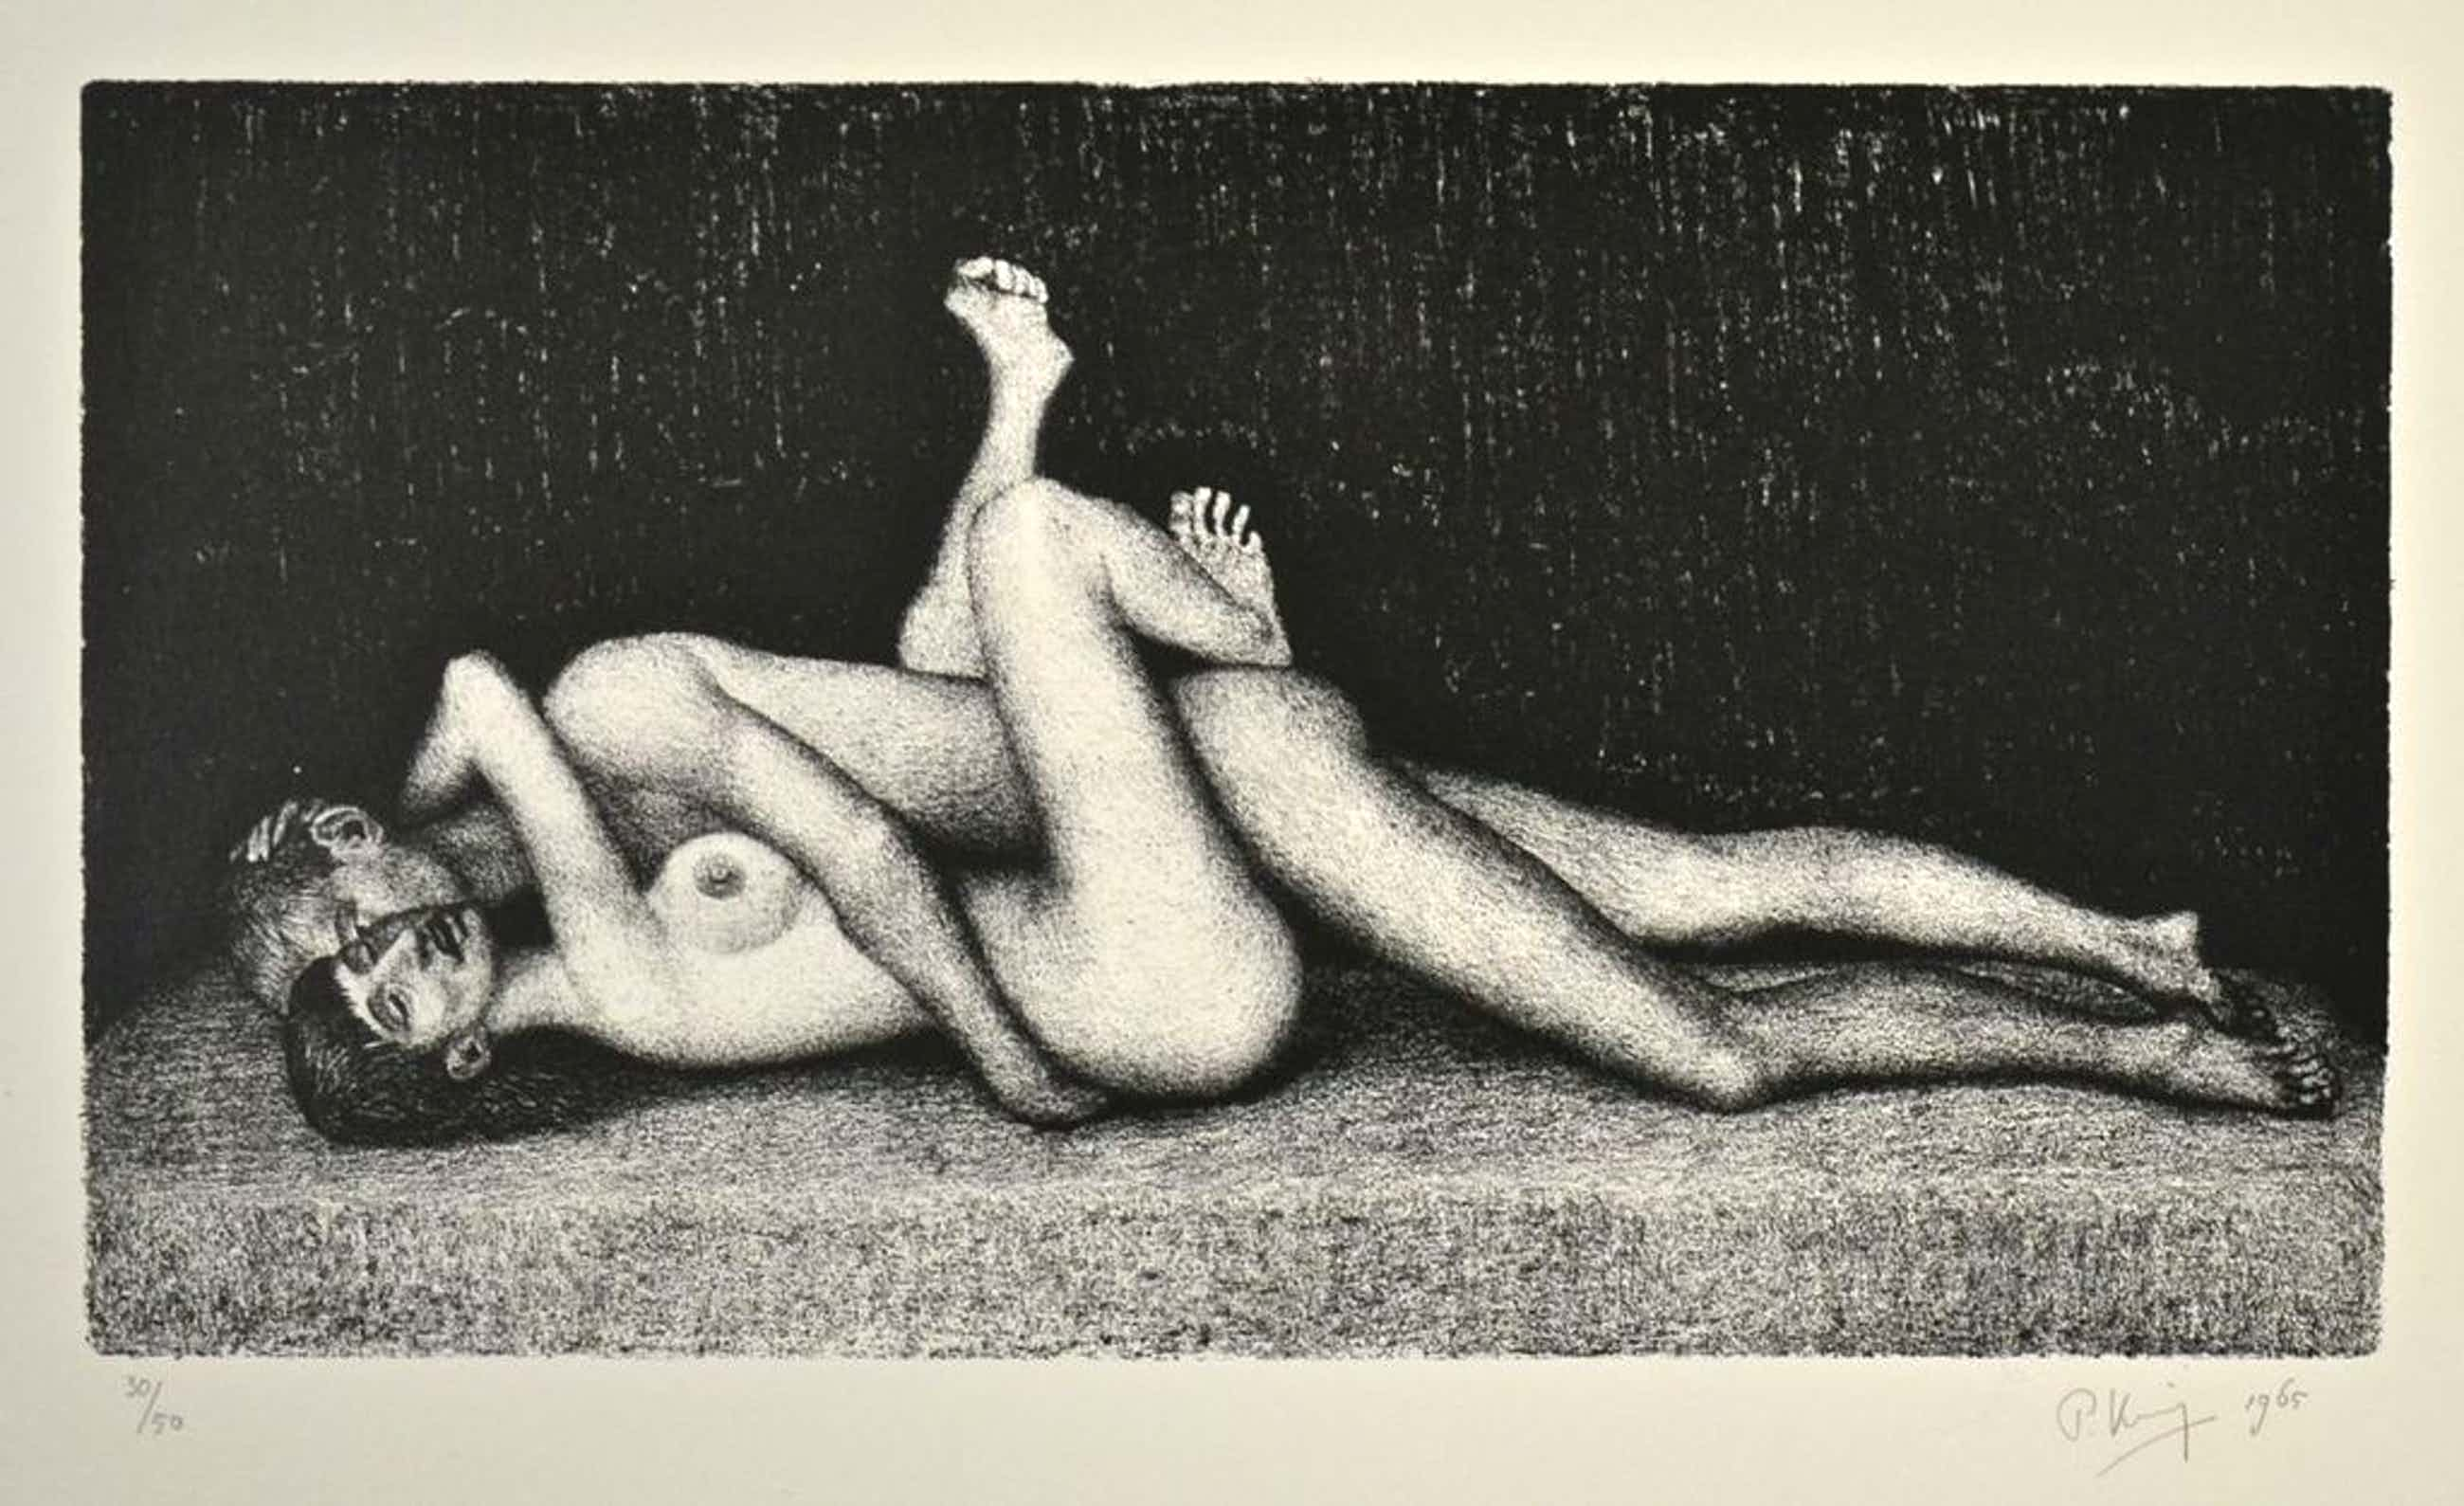 Paul Koning: Litho. Erotische voorstelling. kopen? Bied vanaf 35!